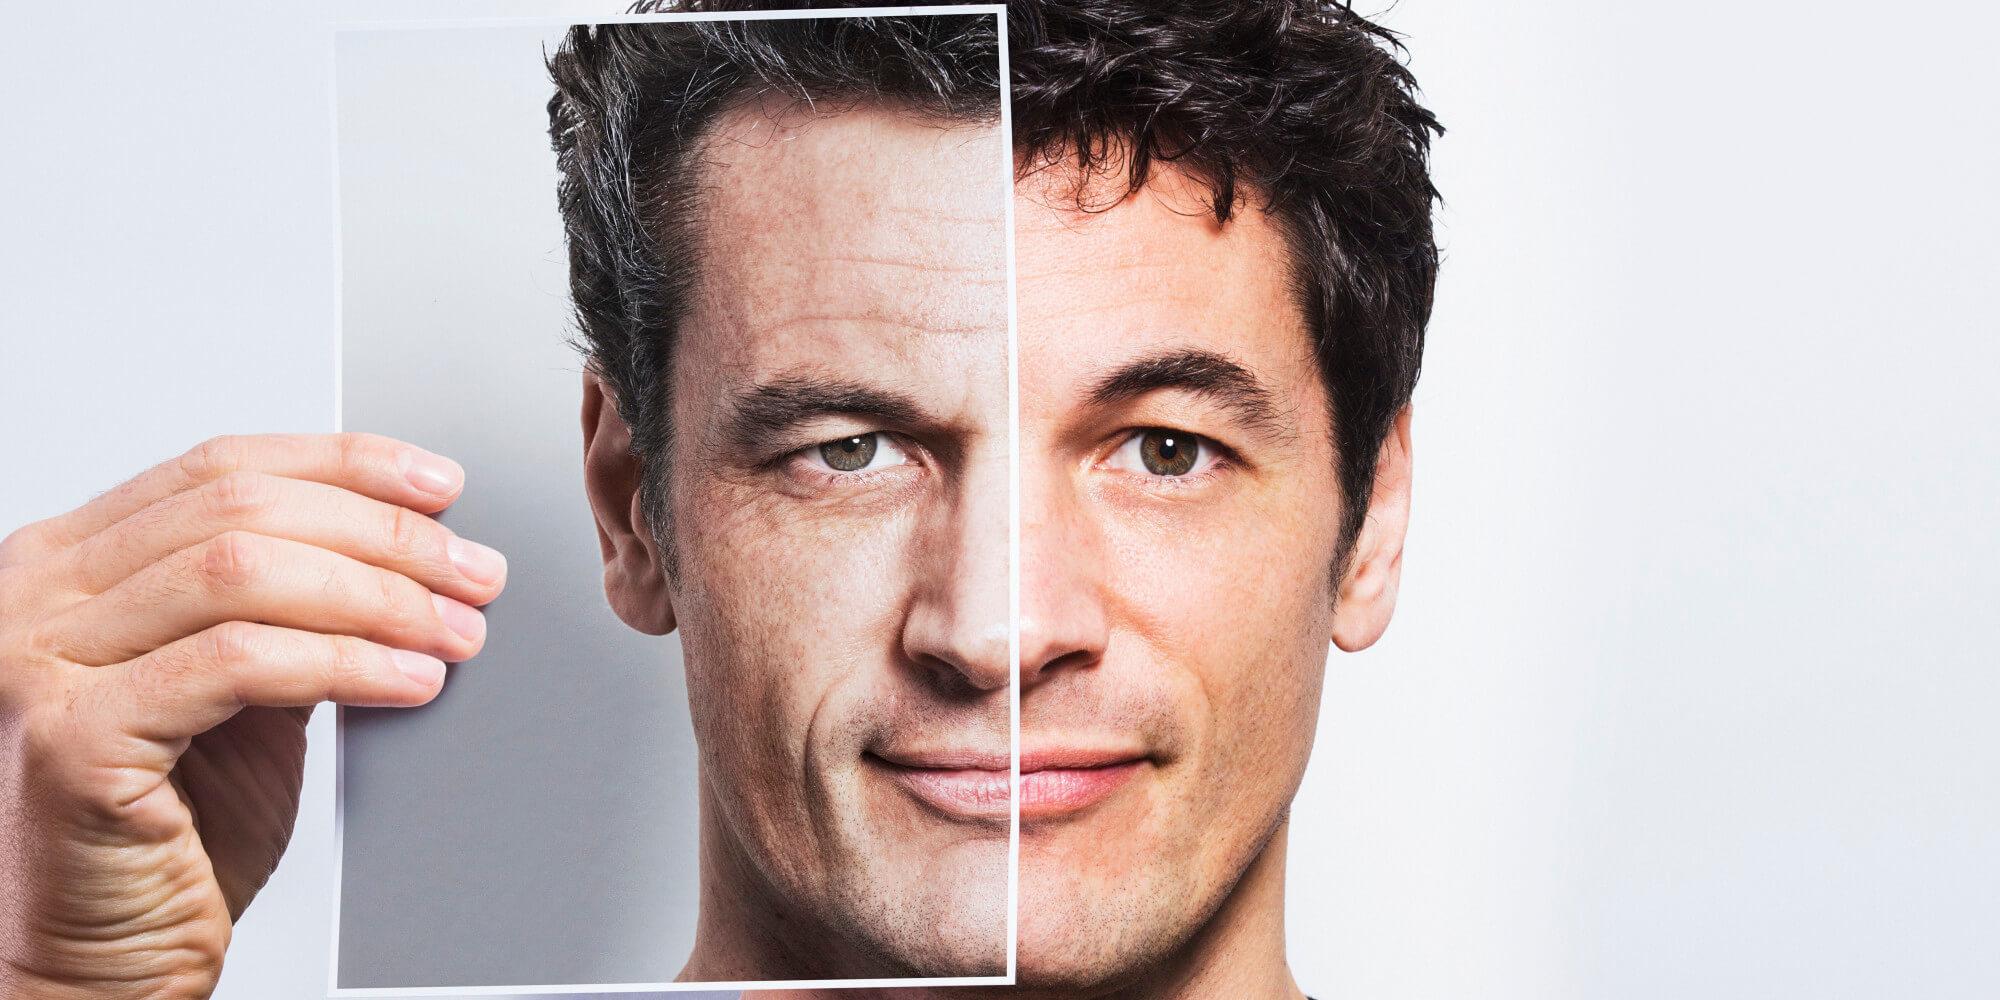 Пластическая хирургия у мужчин